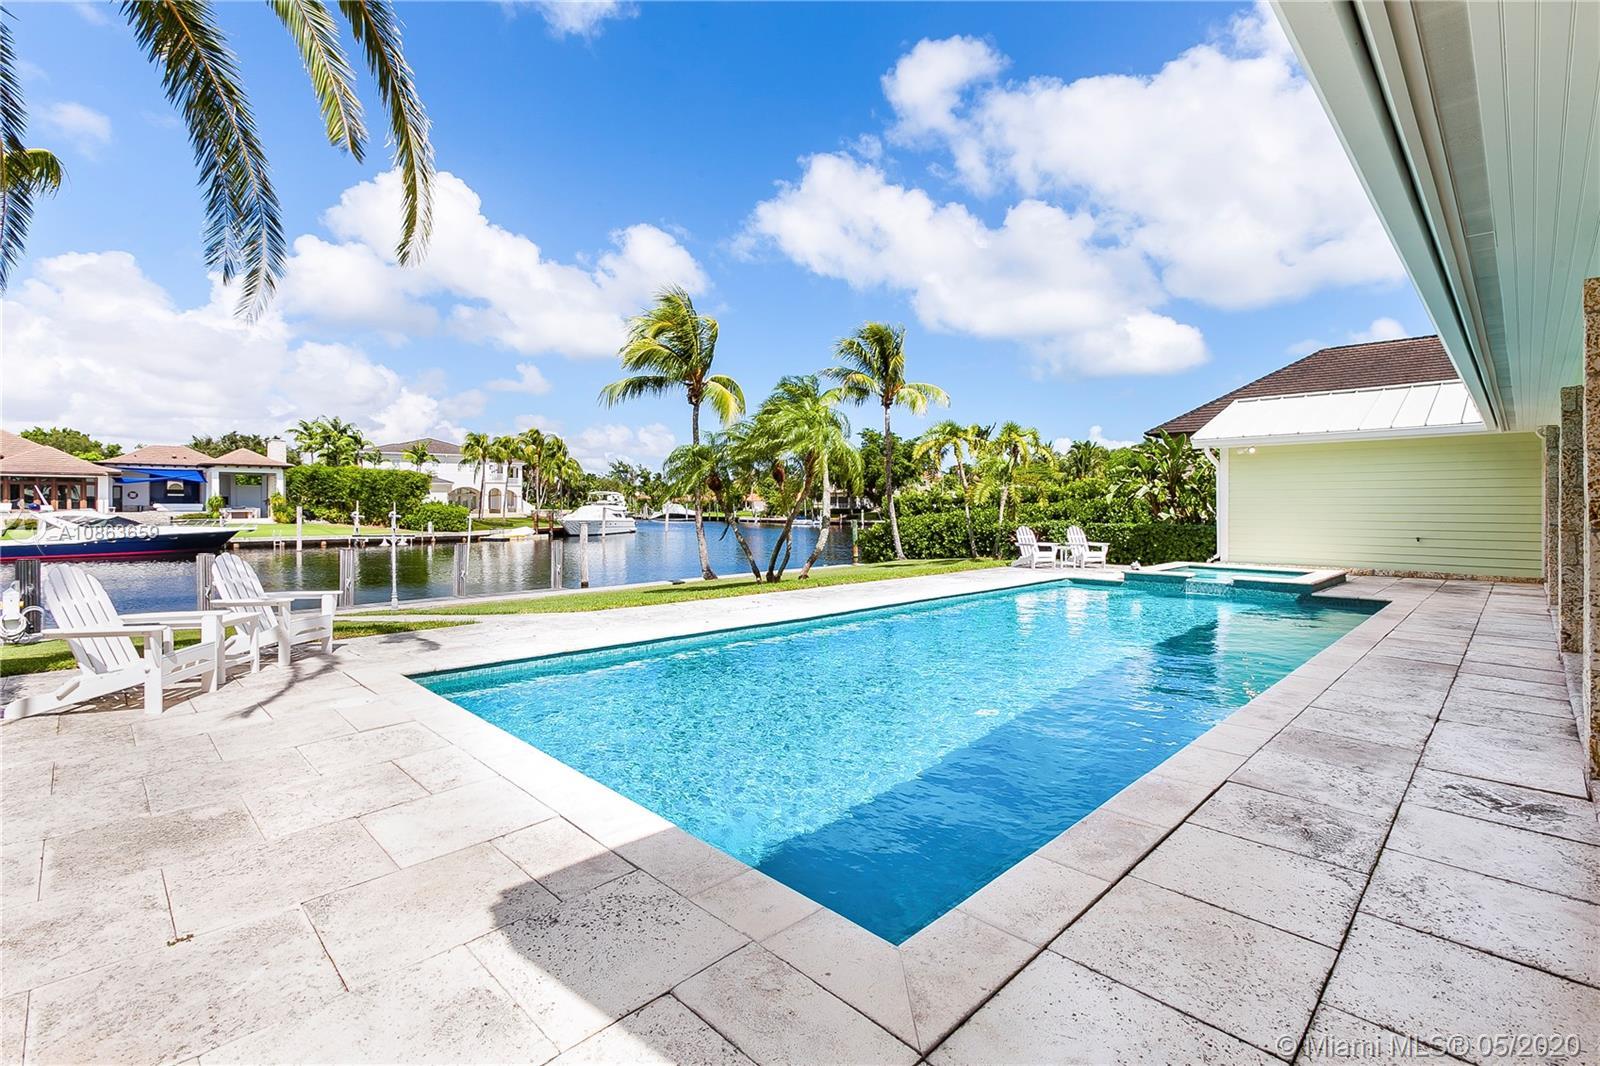 130 Solano Prado Luxury Real Estate